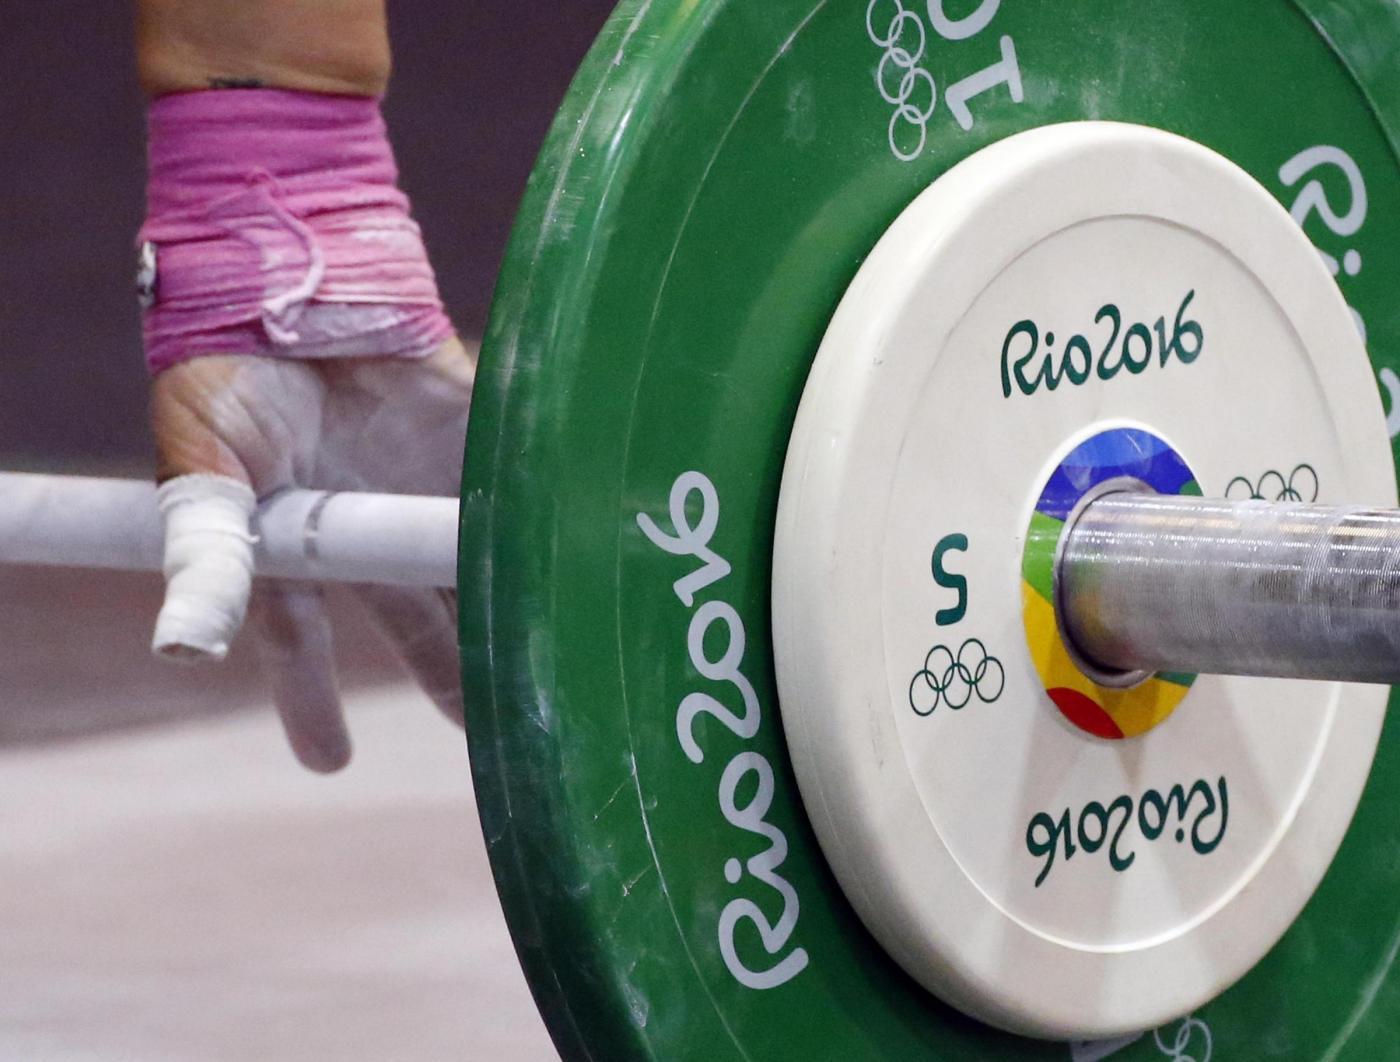 Olimpiadi 2016, il medagliere finale di Rio de Janeiro